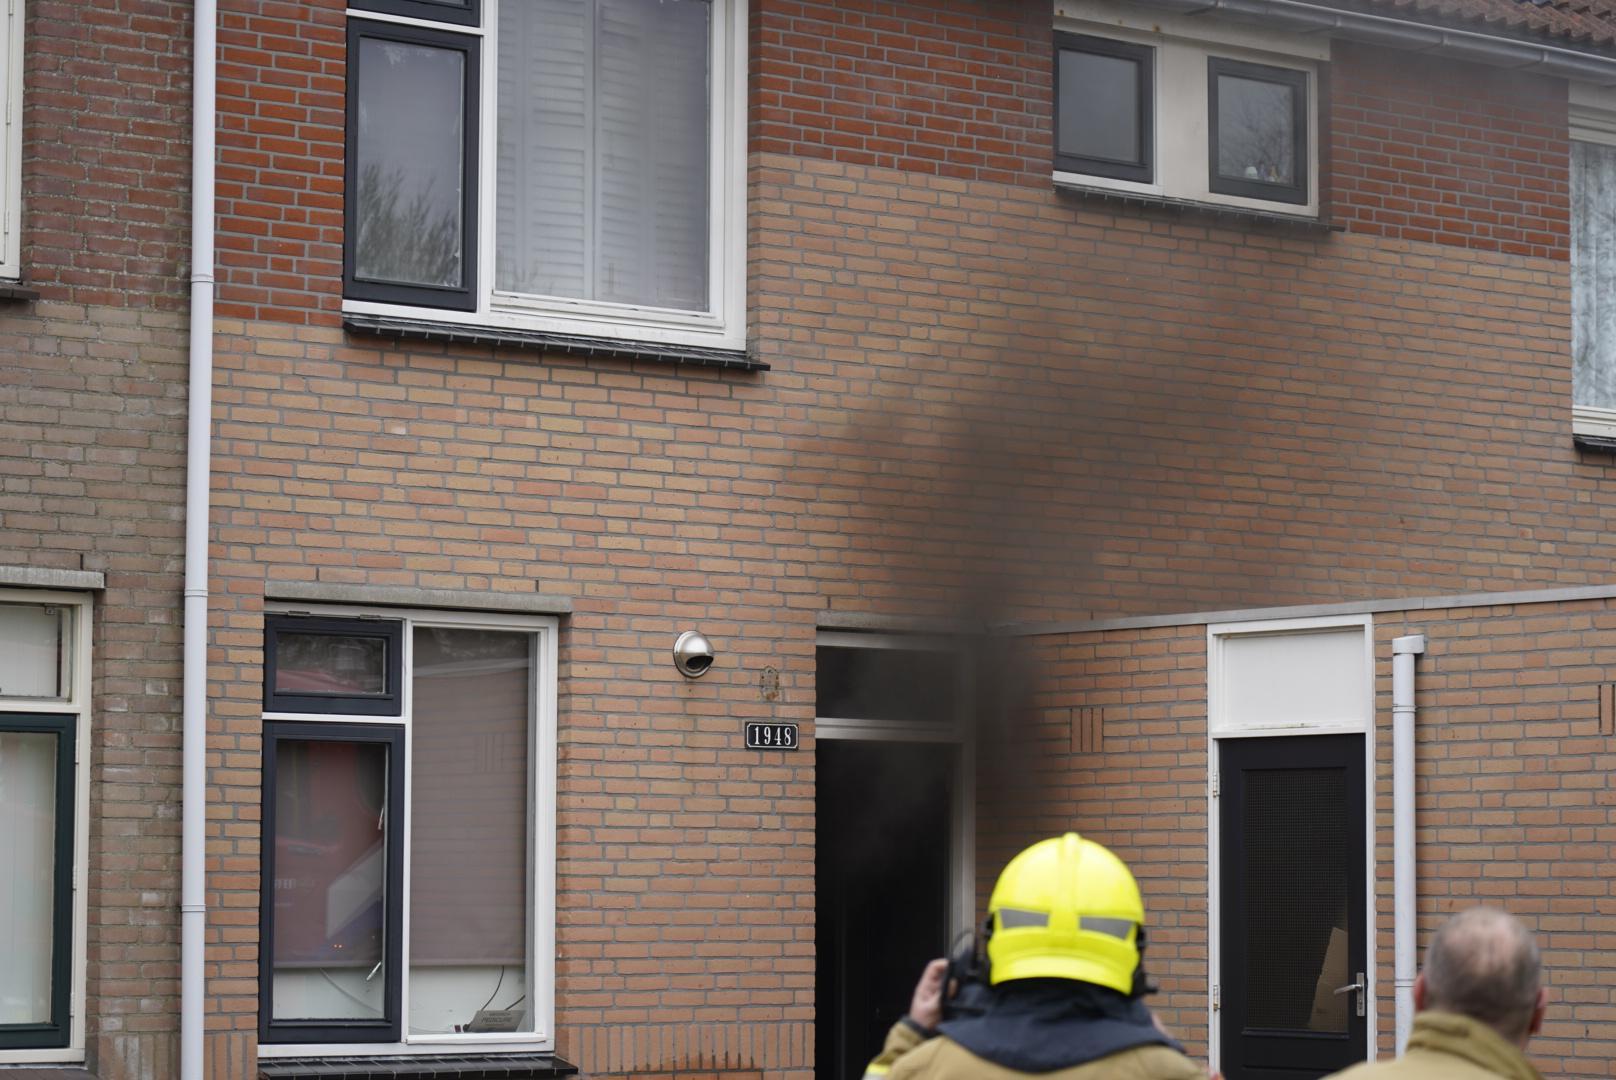 Brandweer redt schildpad bij woningbrand in Julianadorp